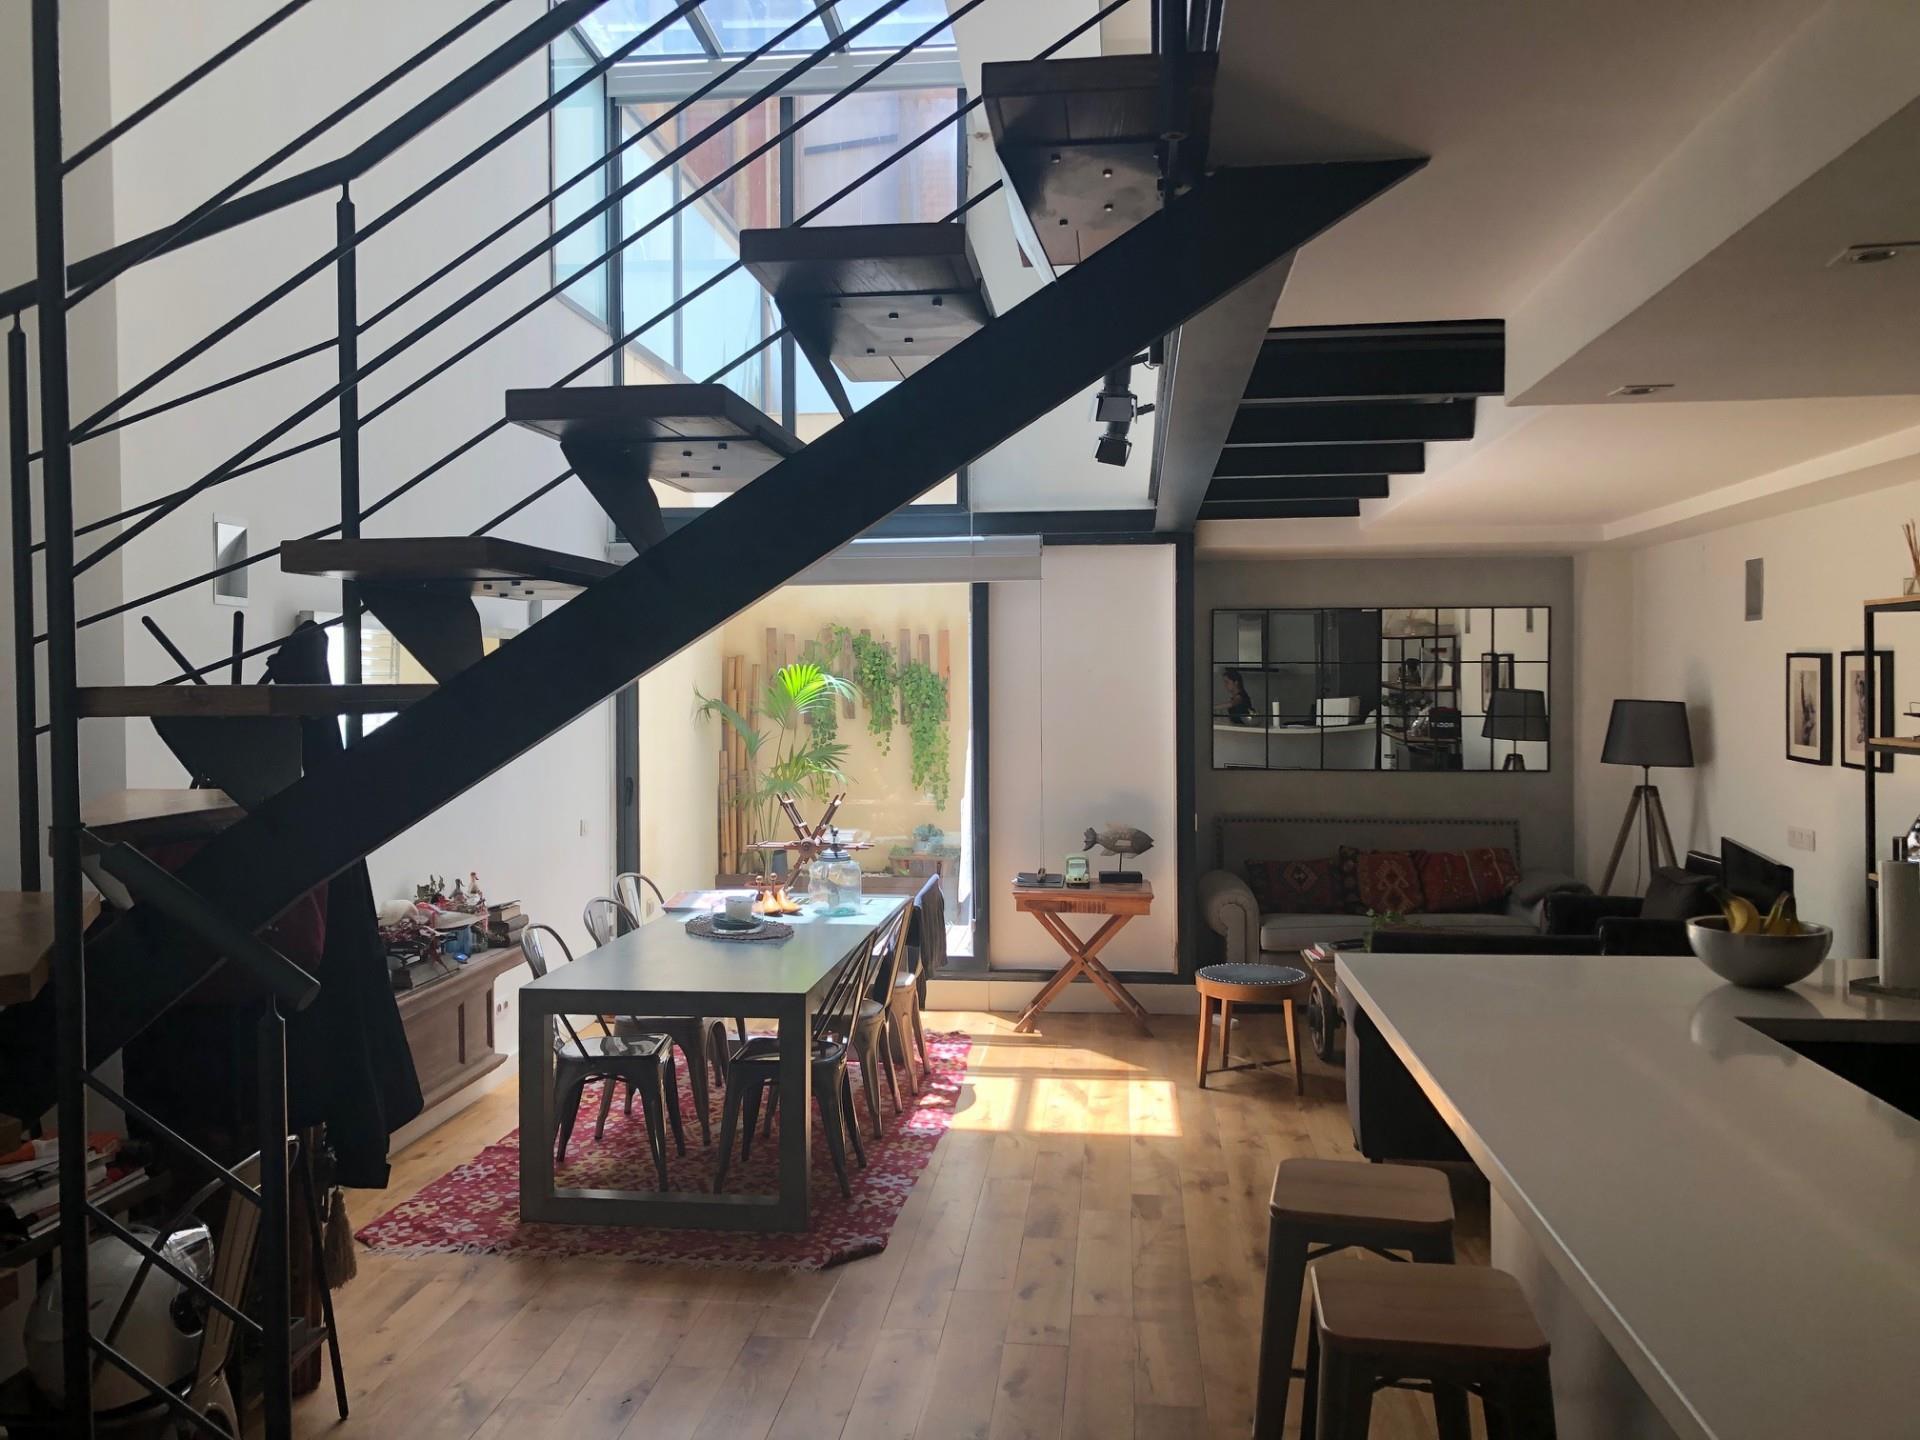 Zweistöckige Wohnung  Carrer de saragossa. El putget i el farró / carrer de saragossa